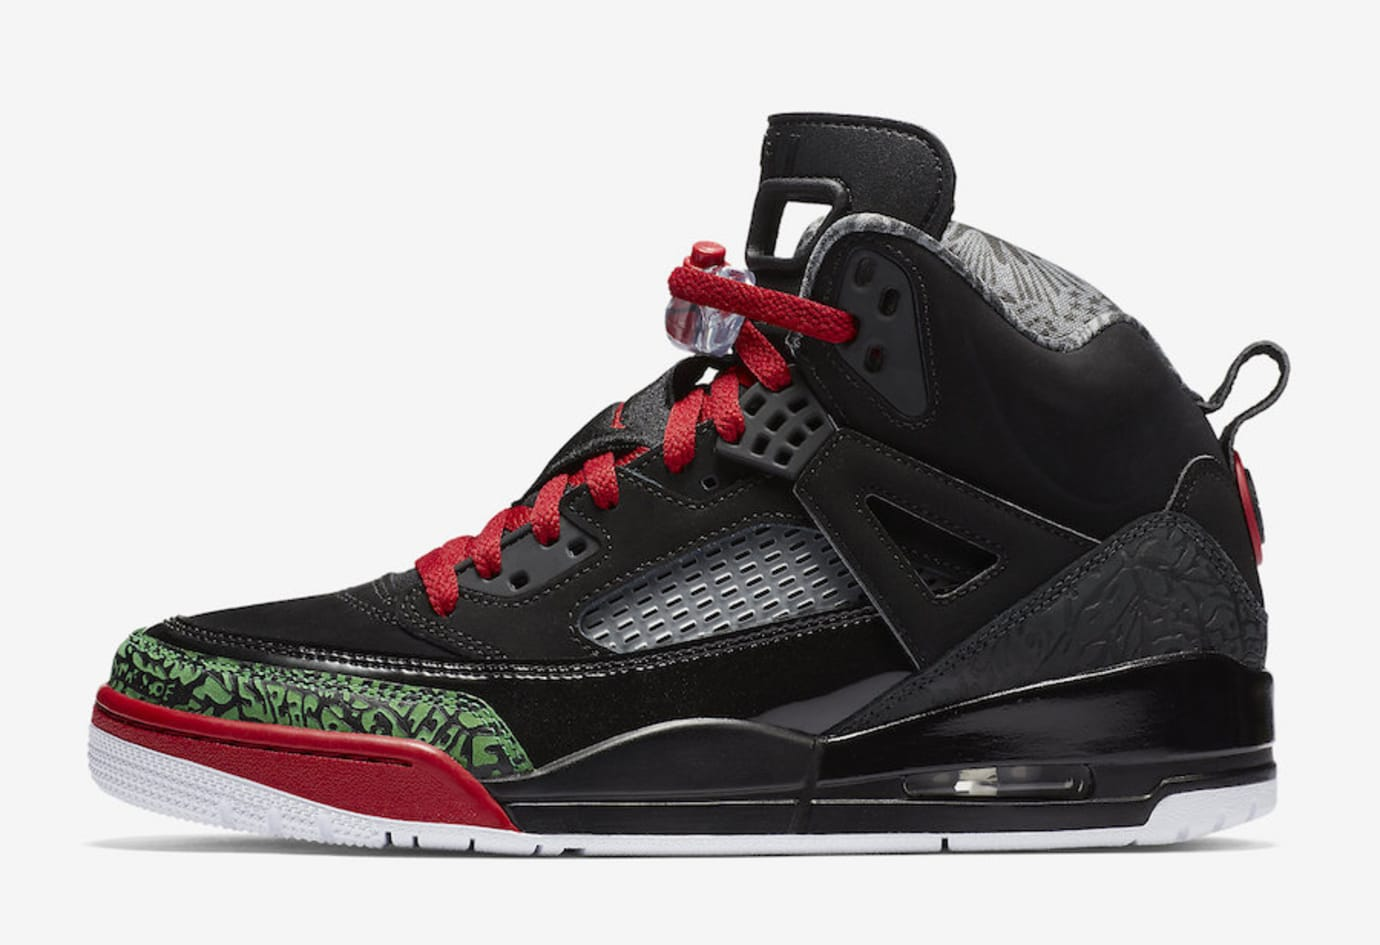 Air Jordan Spizike 315371-026 (Lateral)